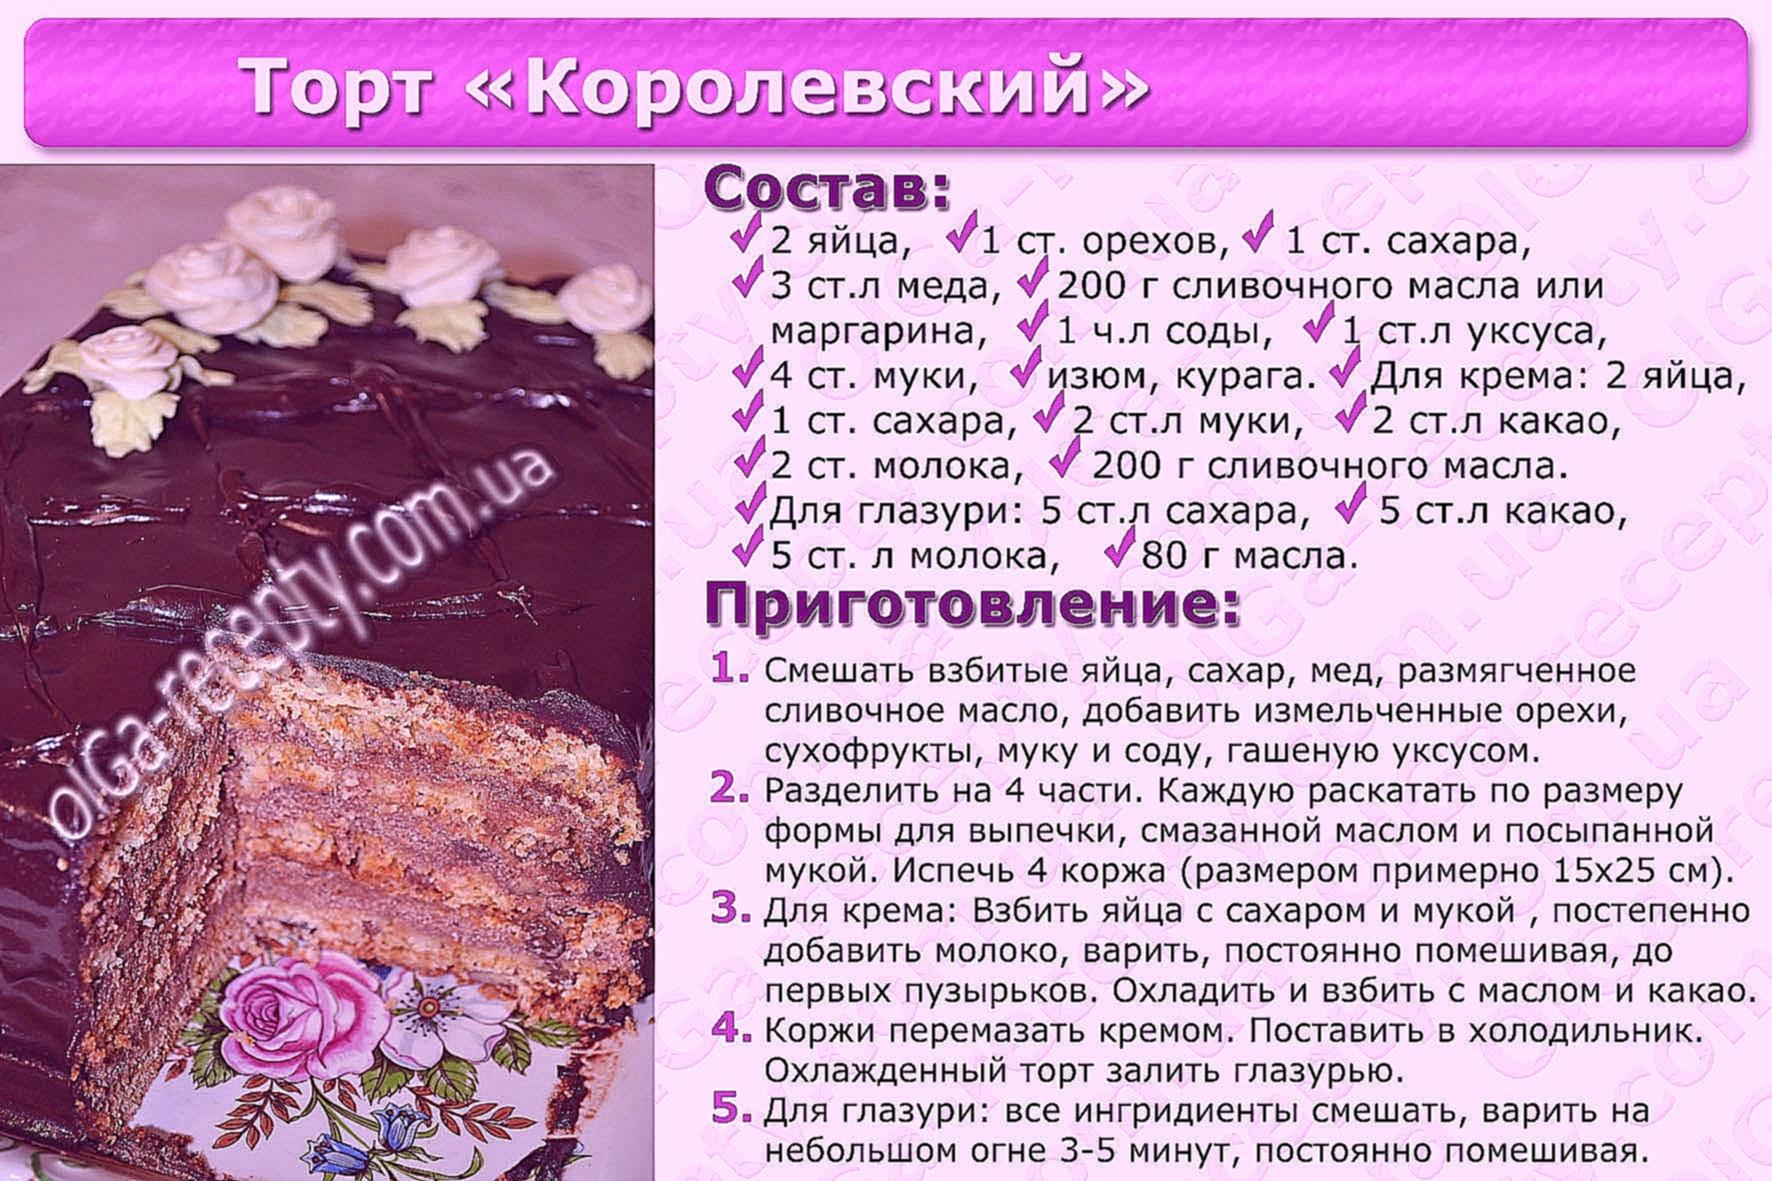 Торты рецепты с пошаговой инструкцией и